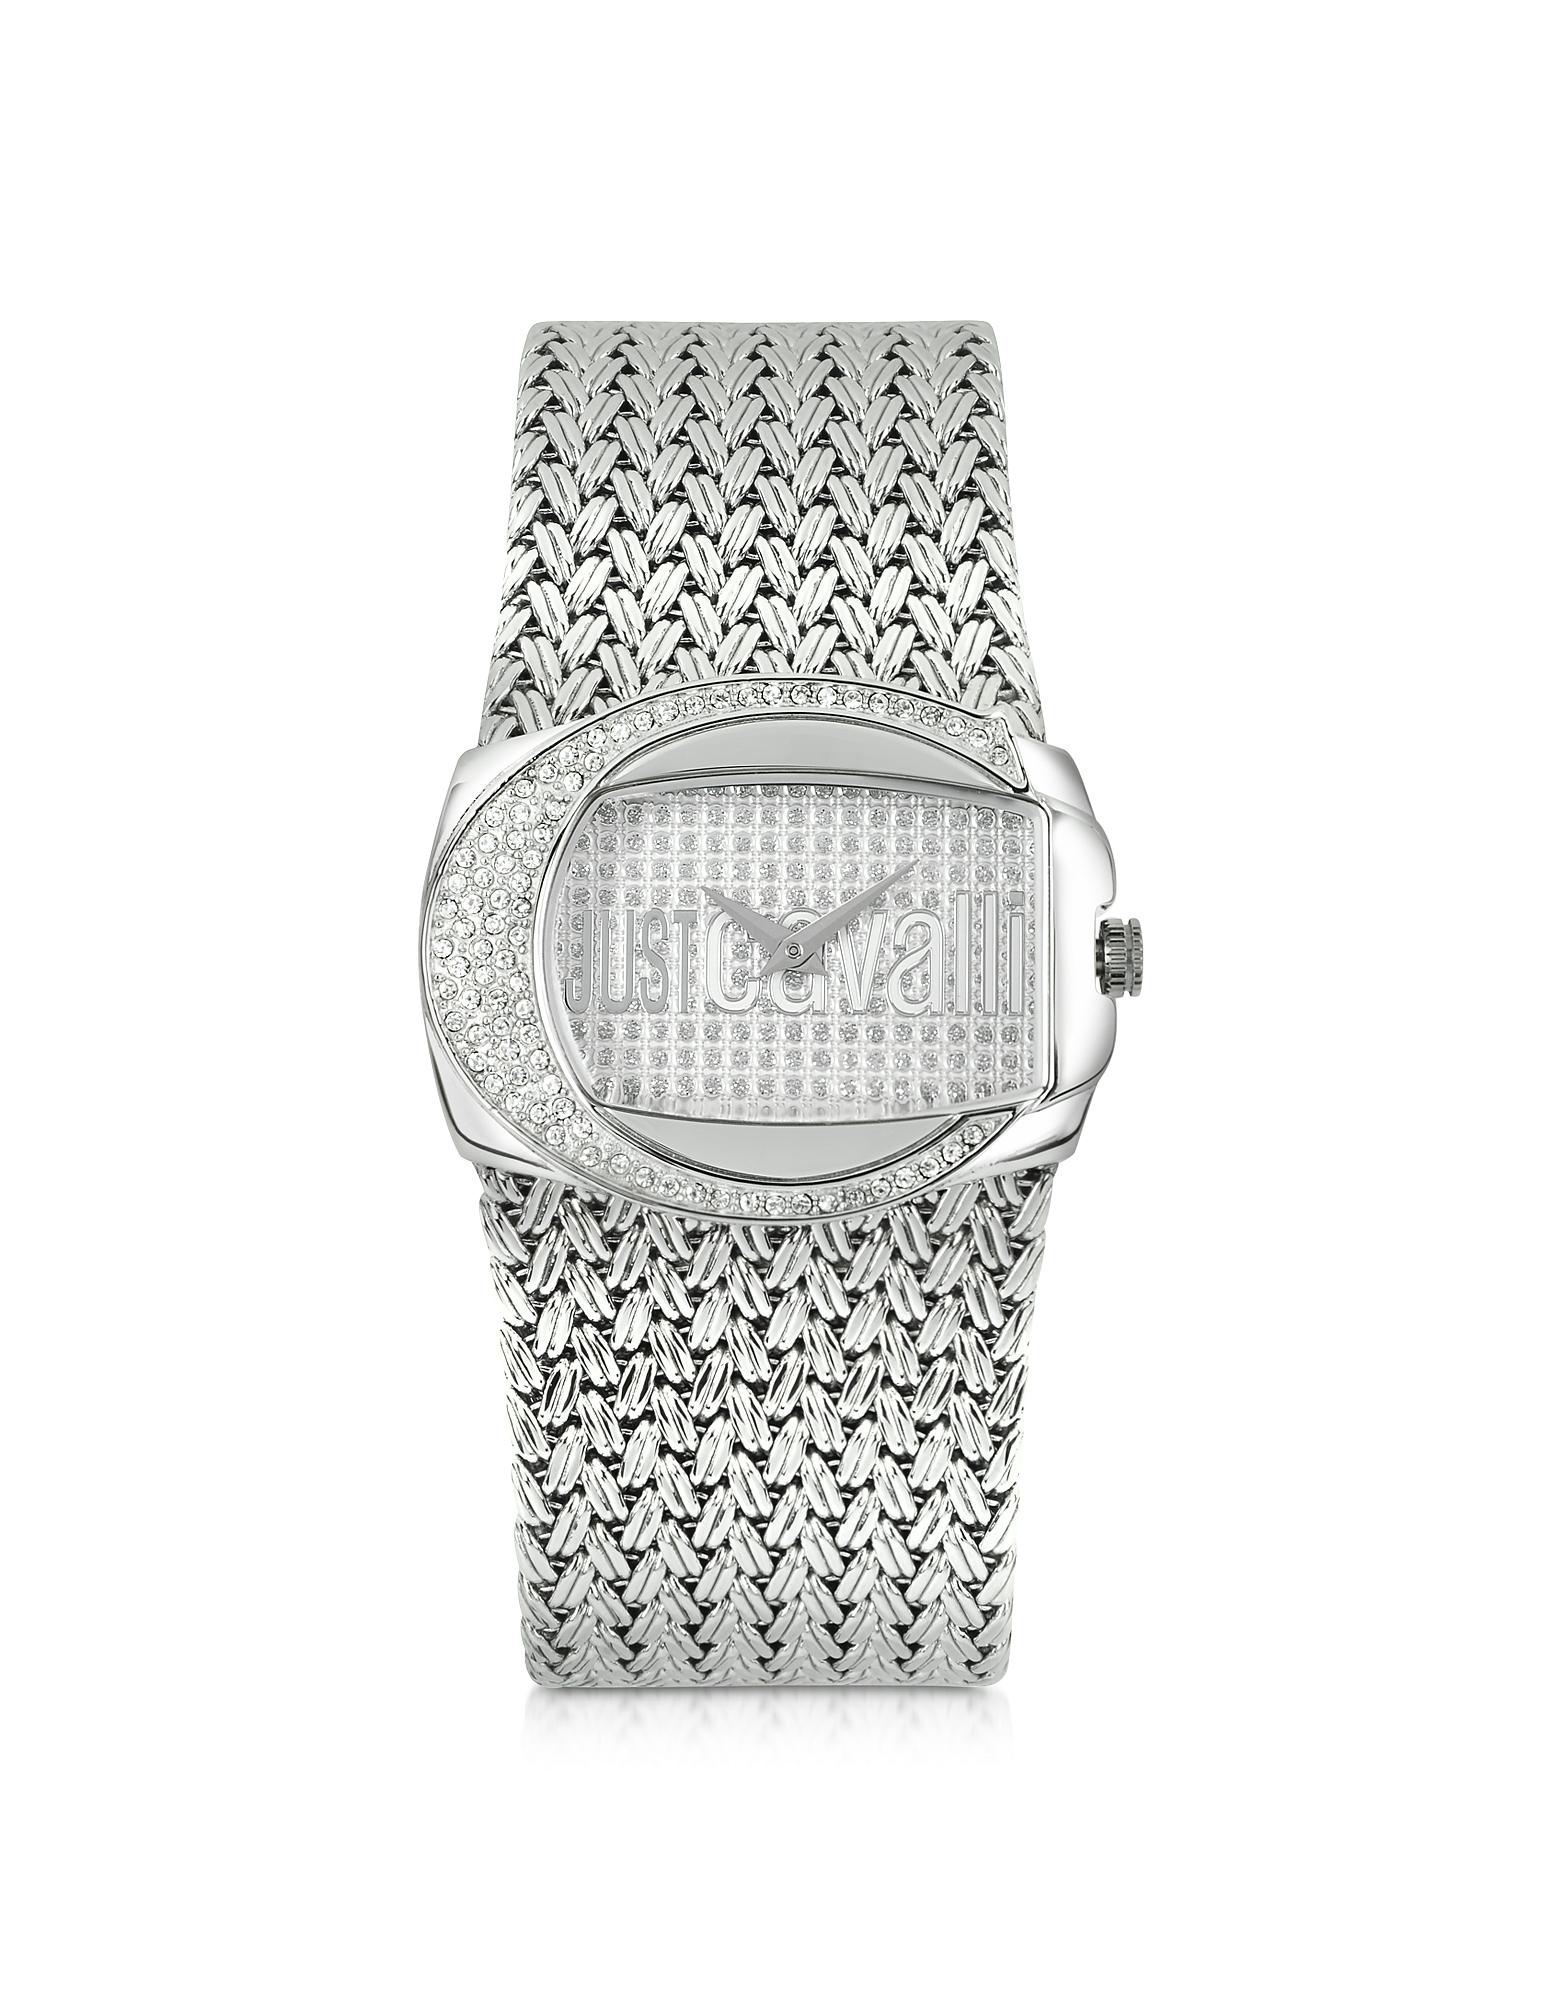 Rich Collection - Часы с Плетеным Звеньевым Браслетом